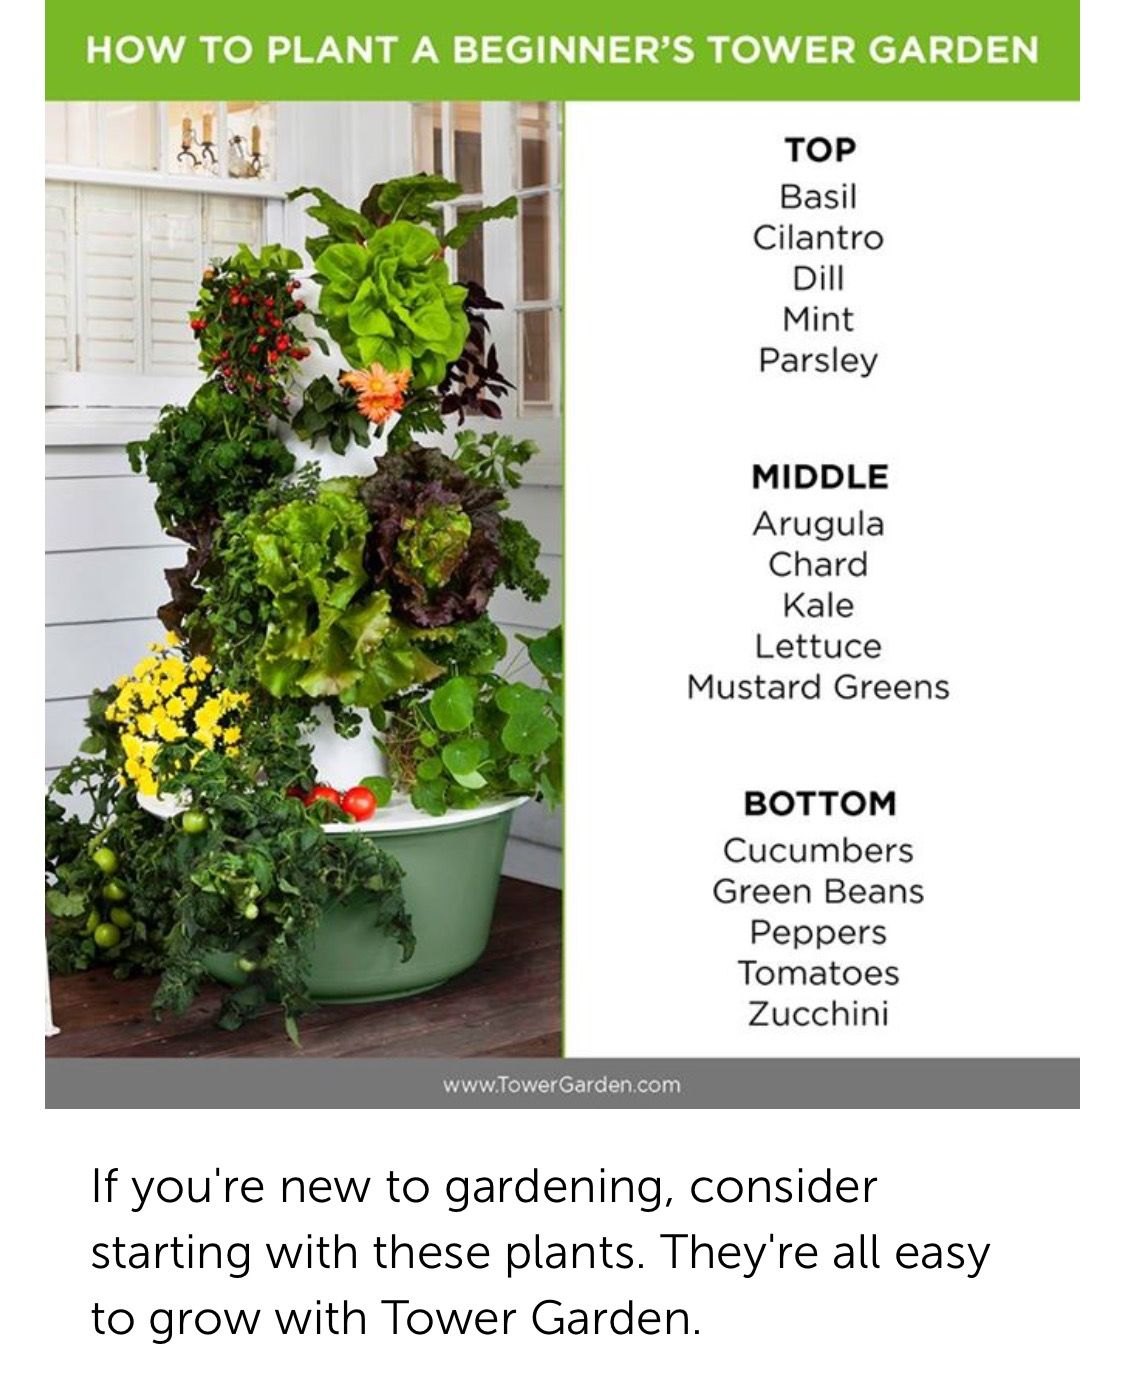 Http Gwales Towergarden Ca Juice Plus Tower Garden Tower Garden Plants